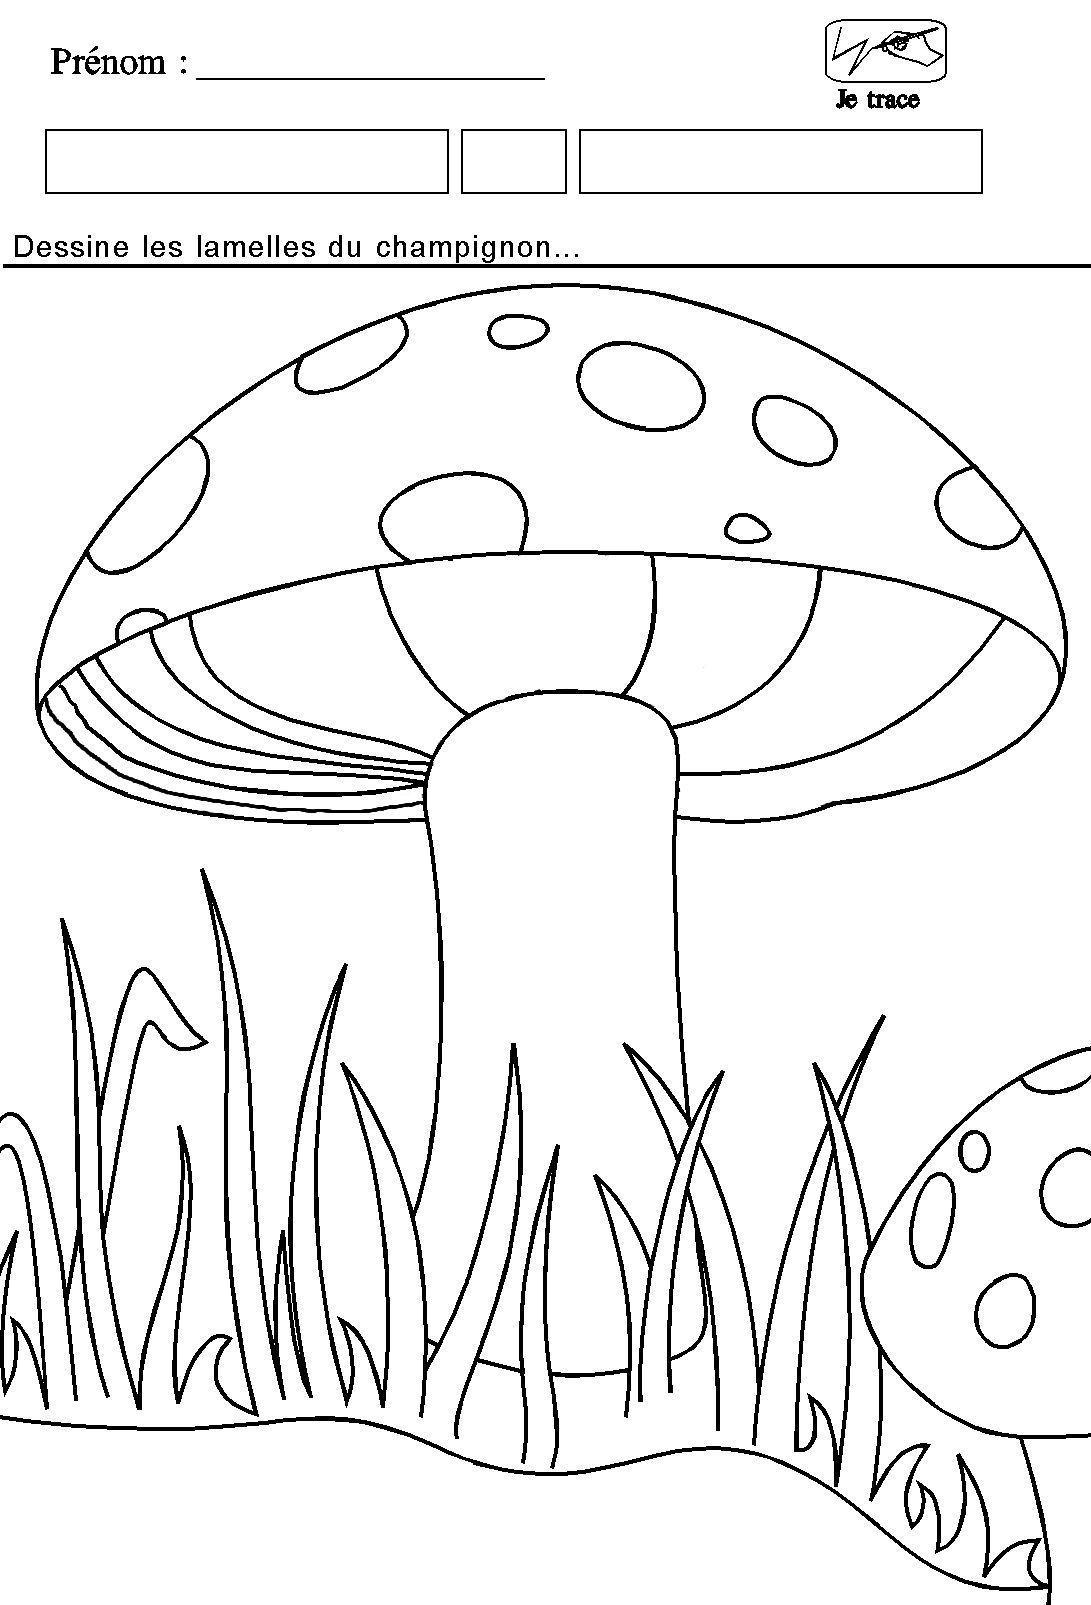 Activit s manuelles bricolage pr enfant page 7 - Dessiner un champignon ...